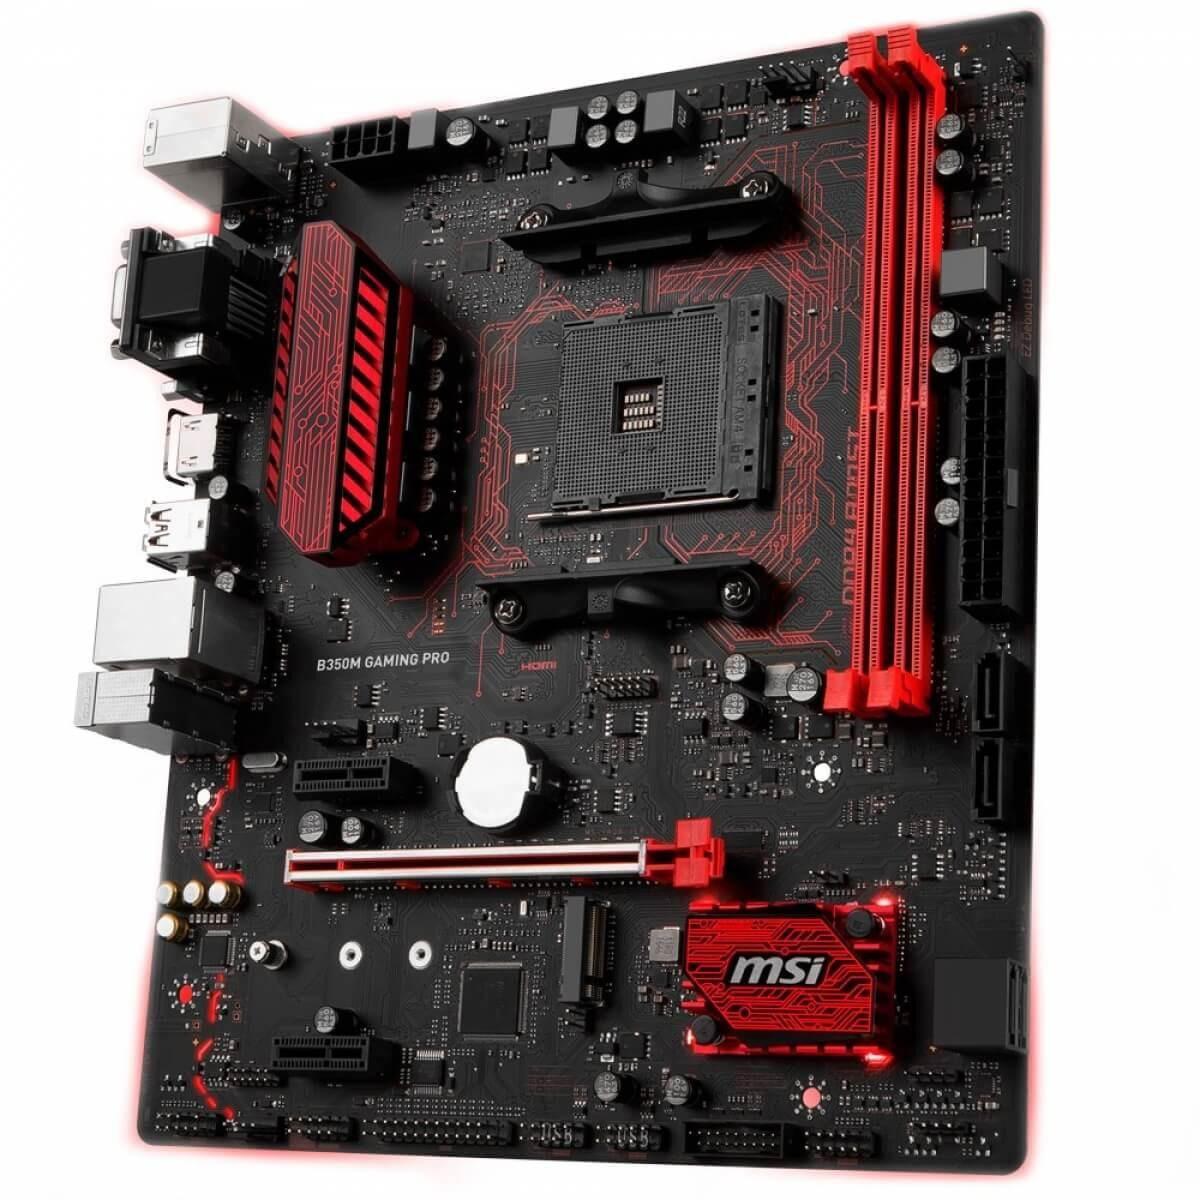 Placa Mae Gaming Pro Msi B350M AMD AM4 DDR4